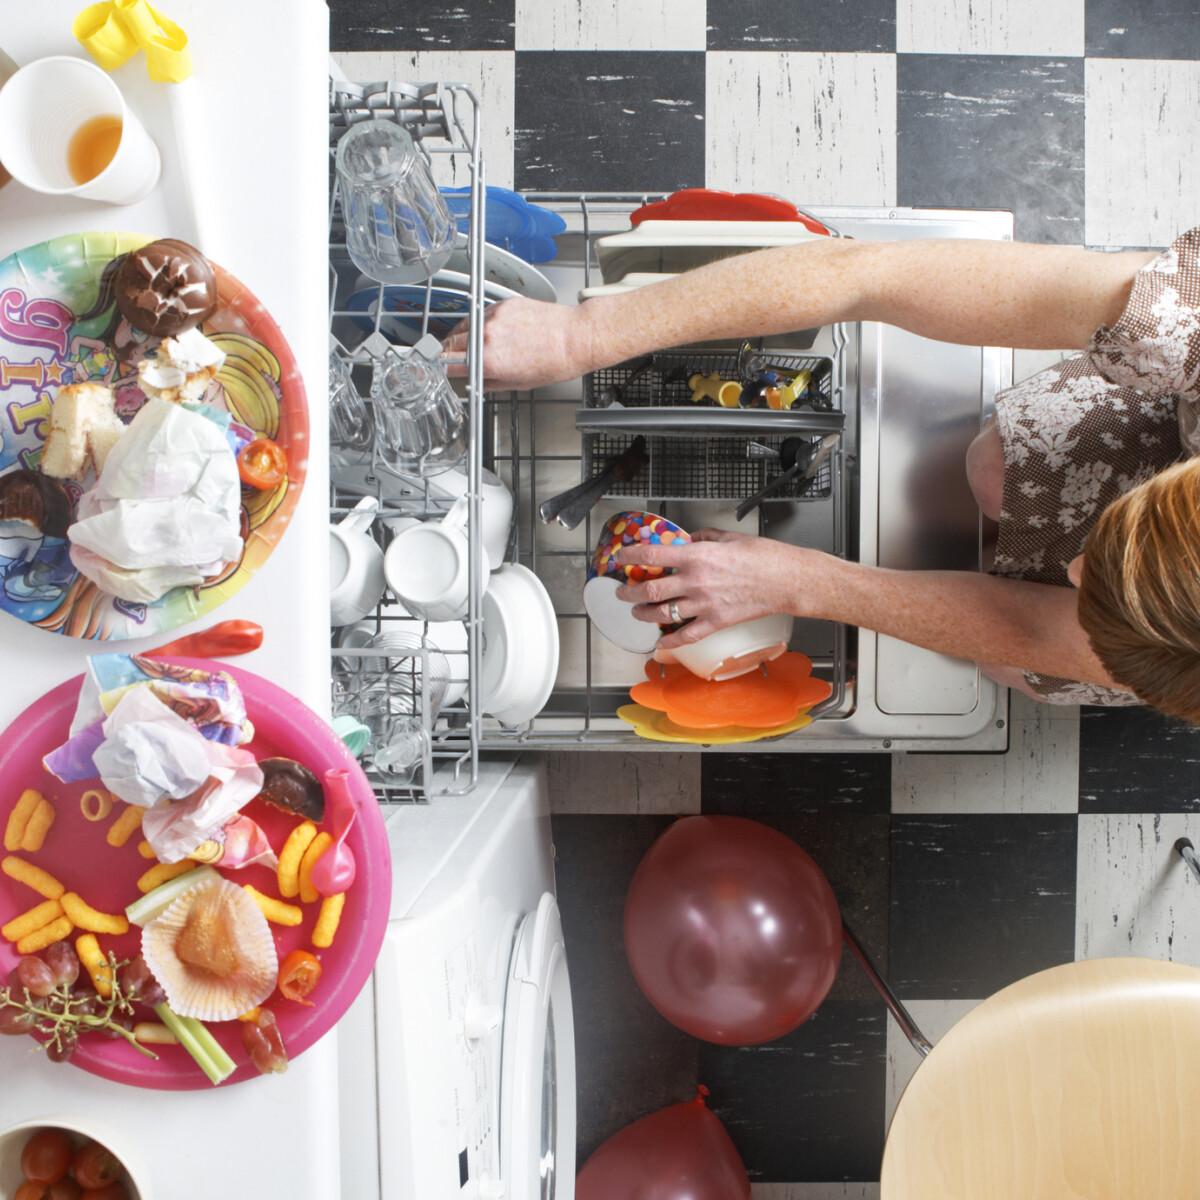 Ezt a konyhai házimunkát gyűlölik a legtöbben a világon